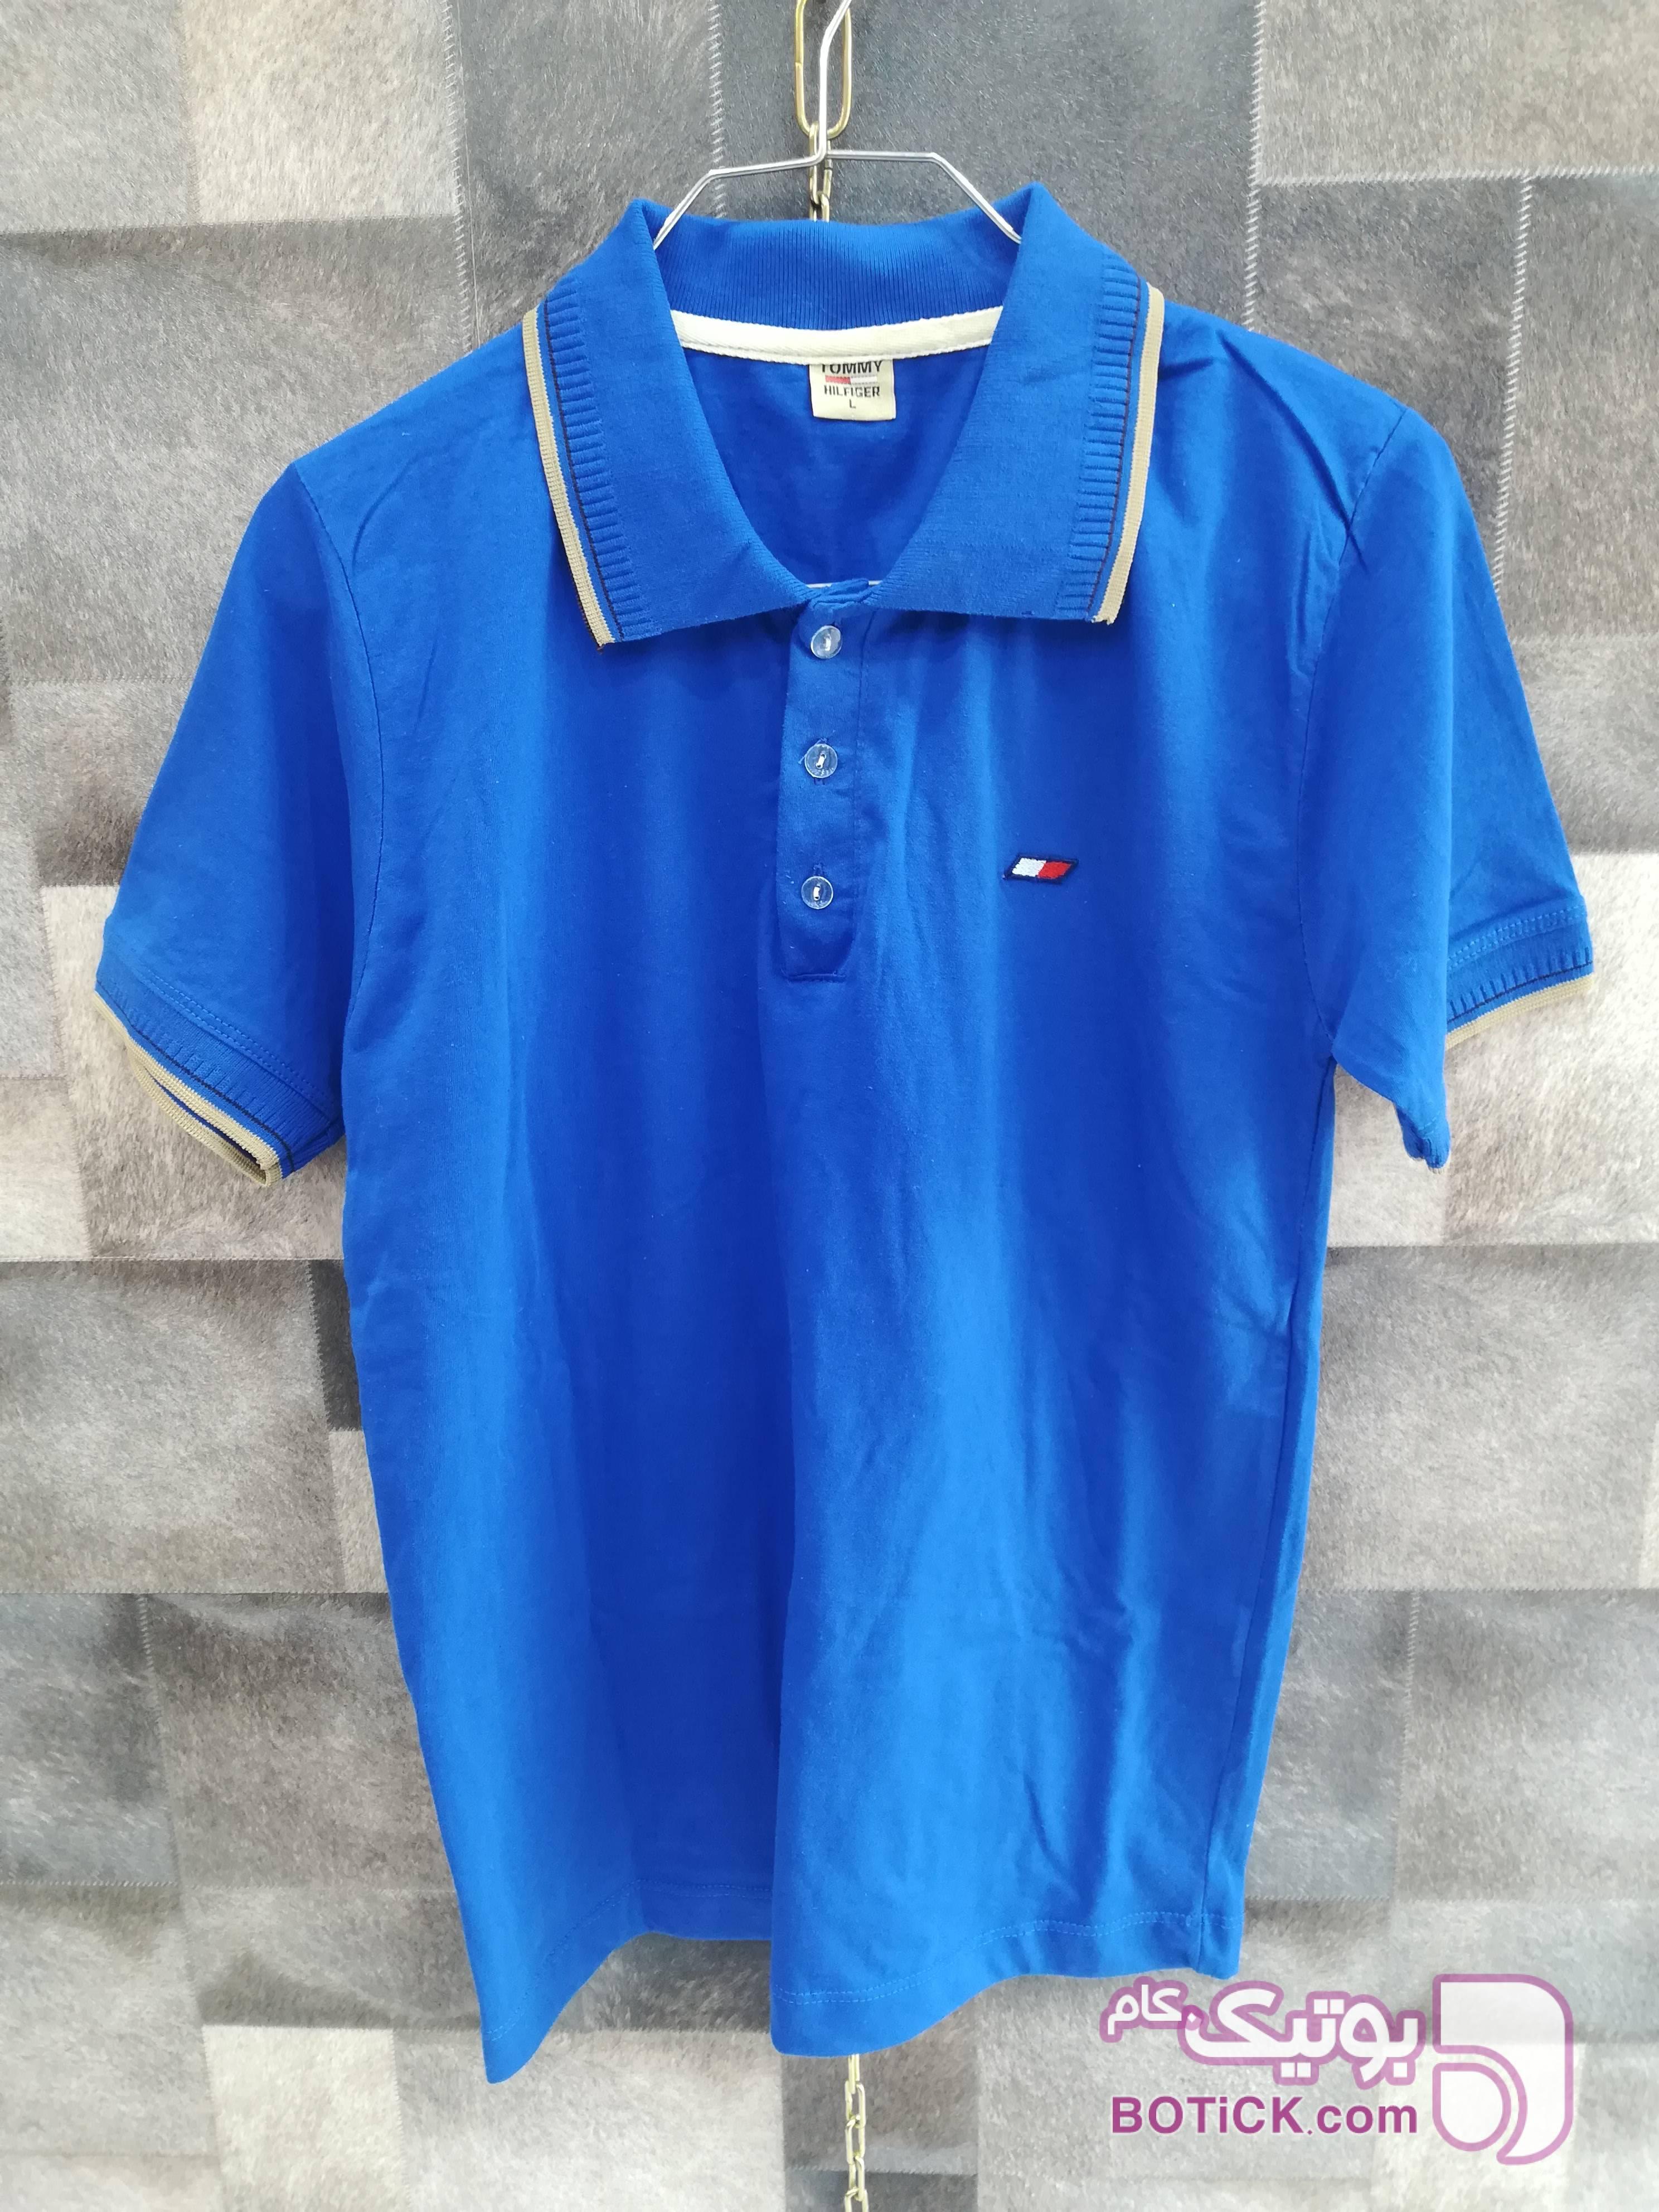 تیشرت پنبه یقه دار سایز لارج آبی تی شرت و پولو شرت مردانه